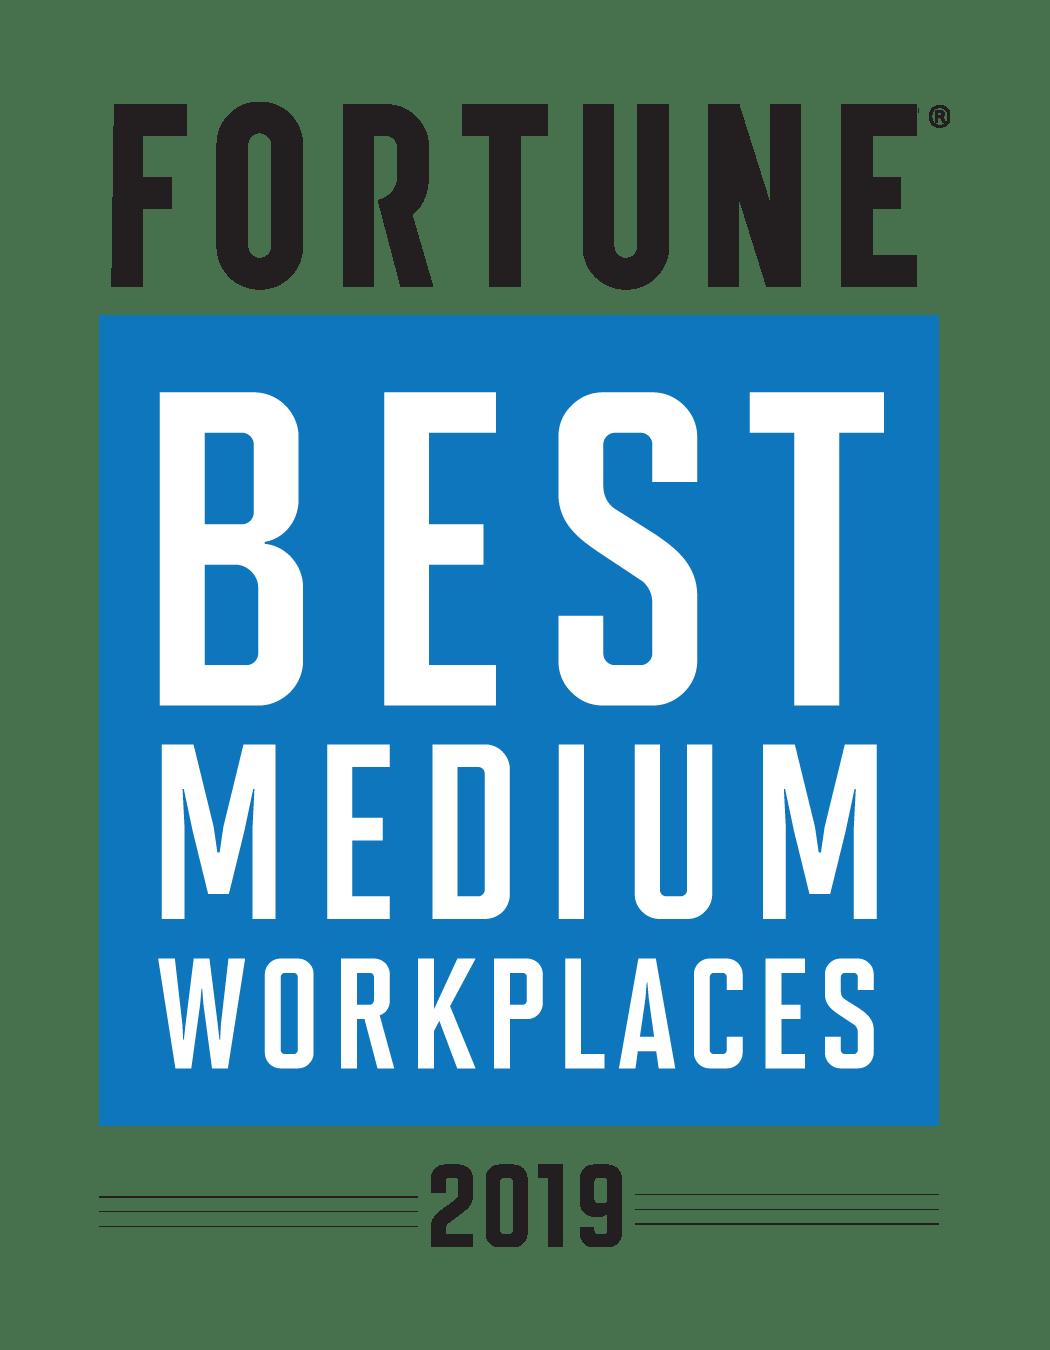 Asana workplace award